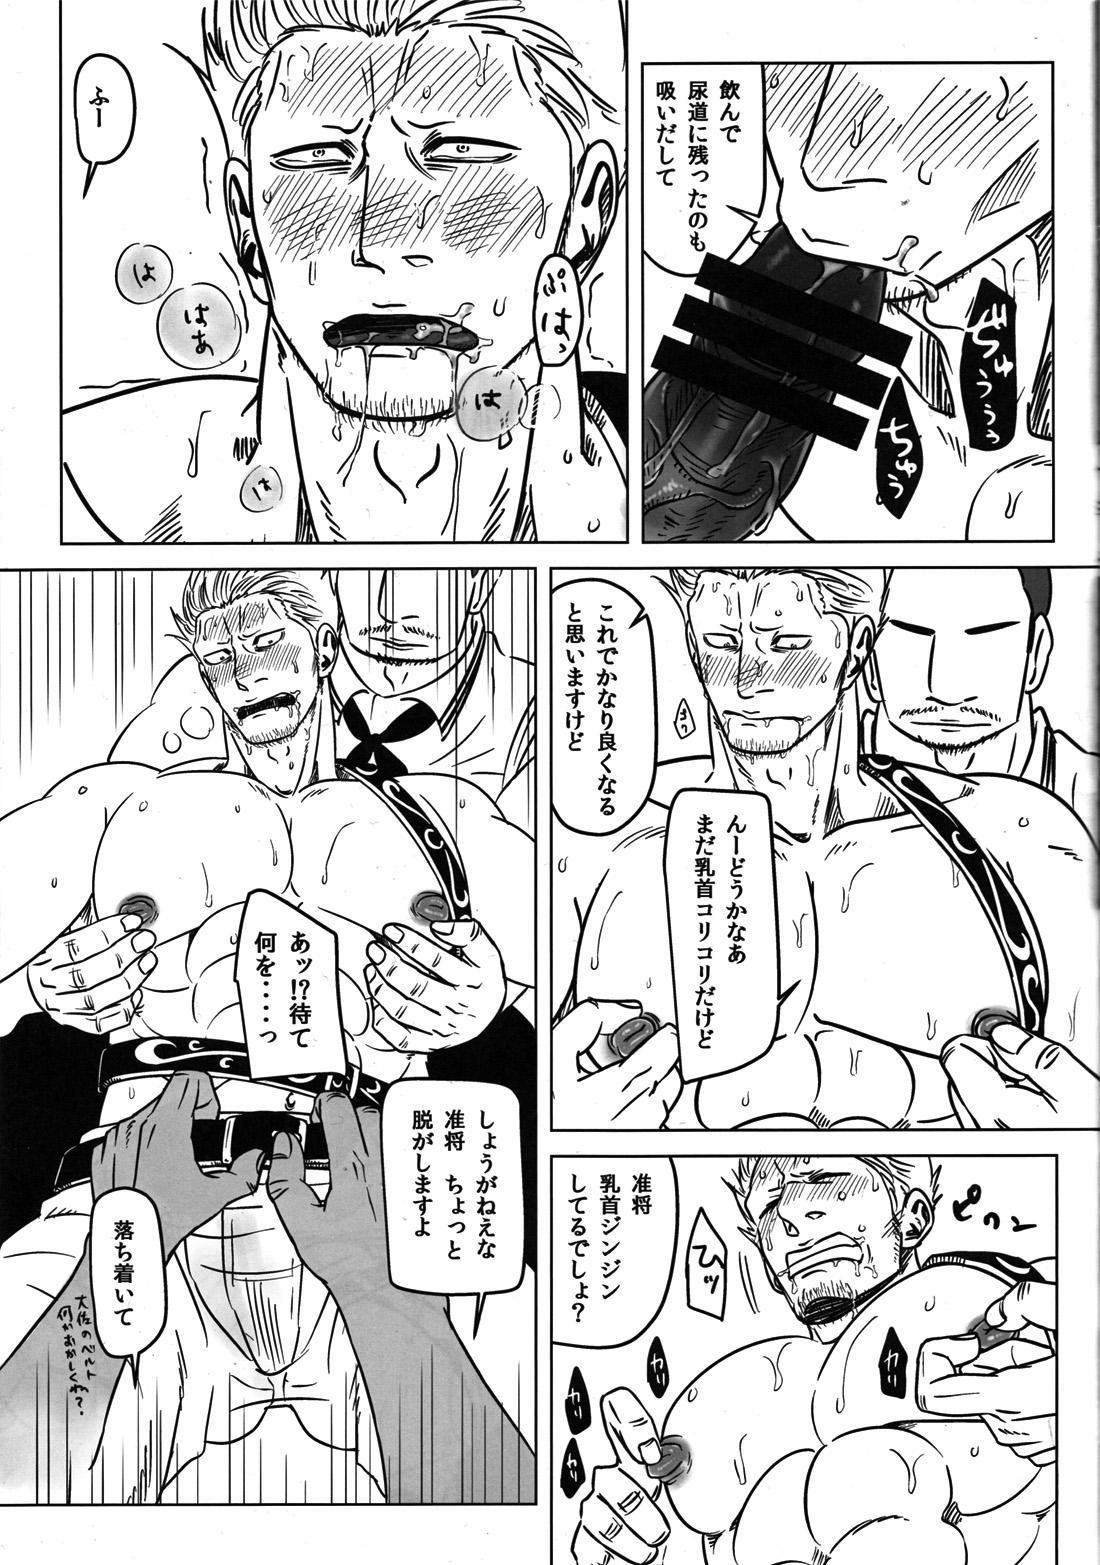 Dai B Chiku 15